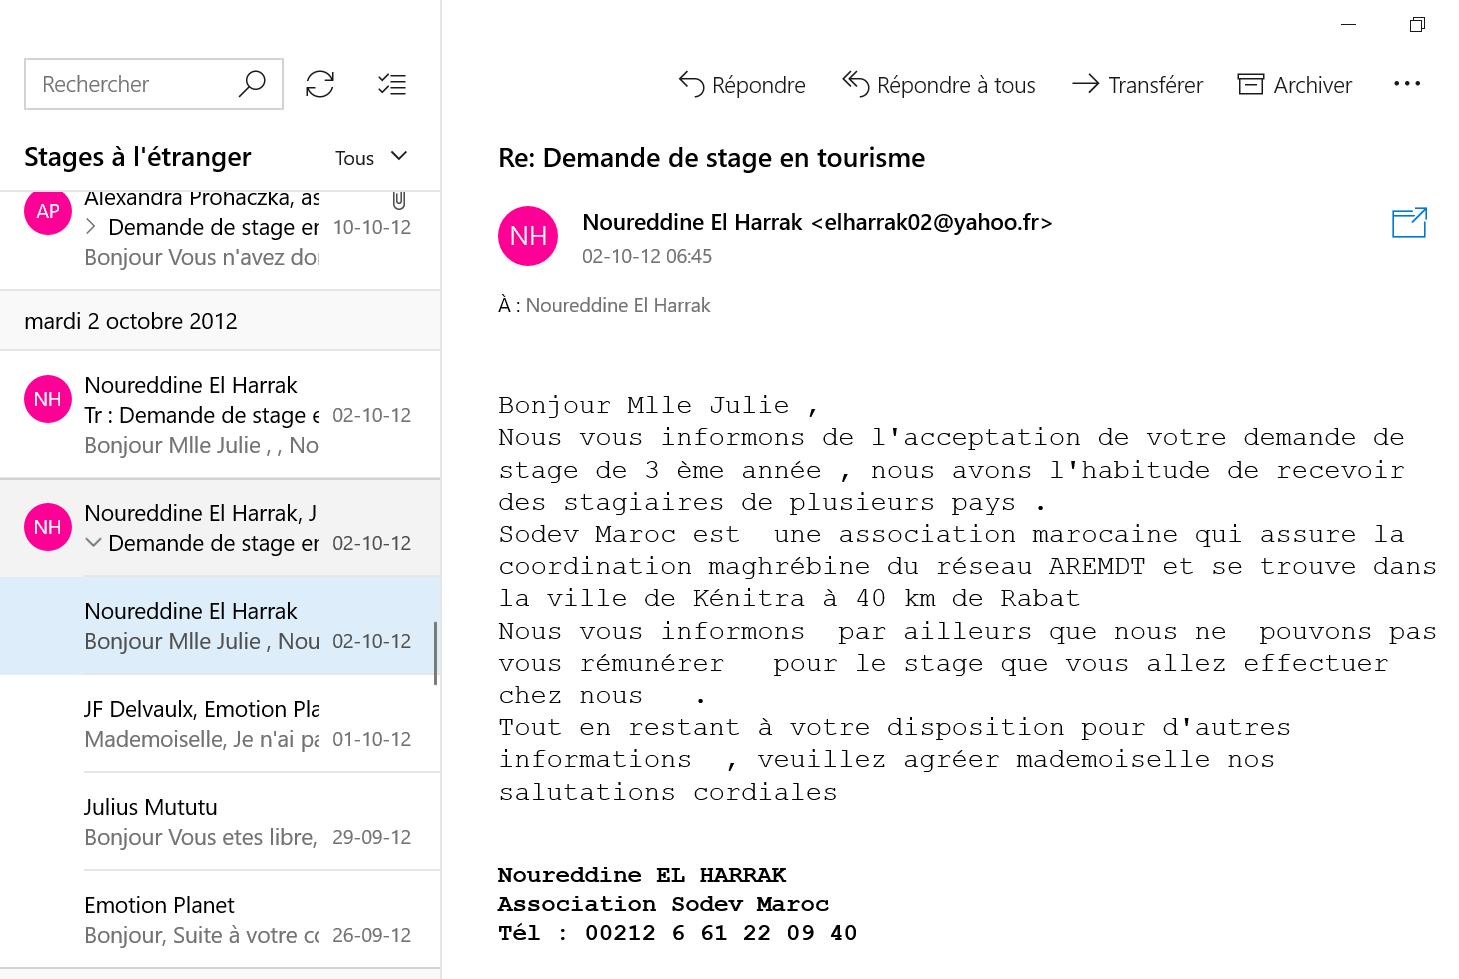 Recherche de stage à l'étranger email 2